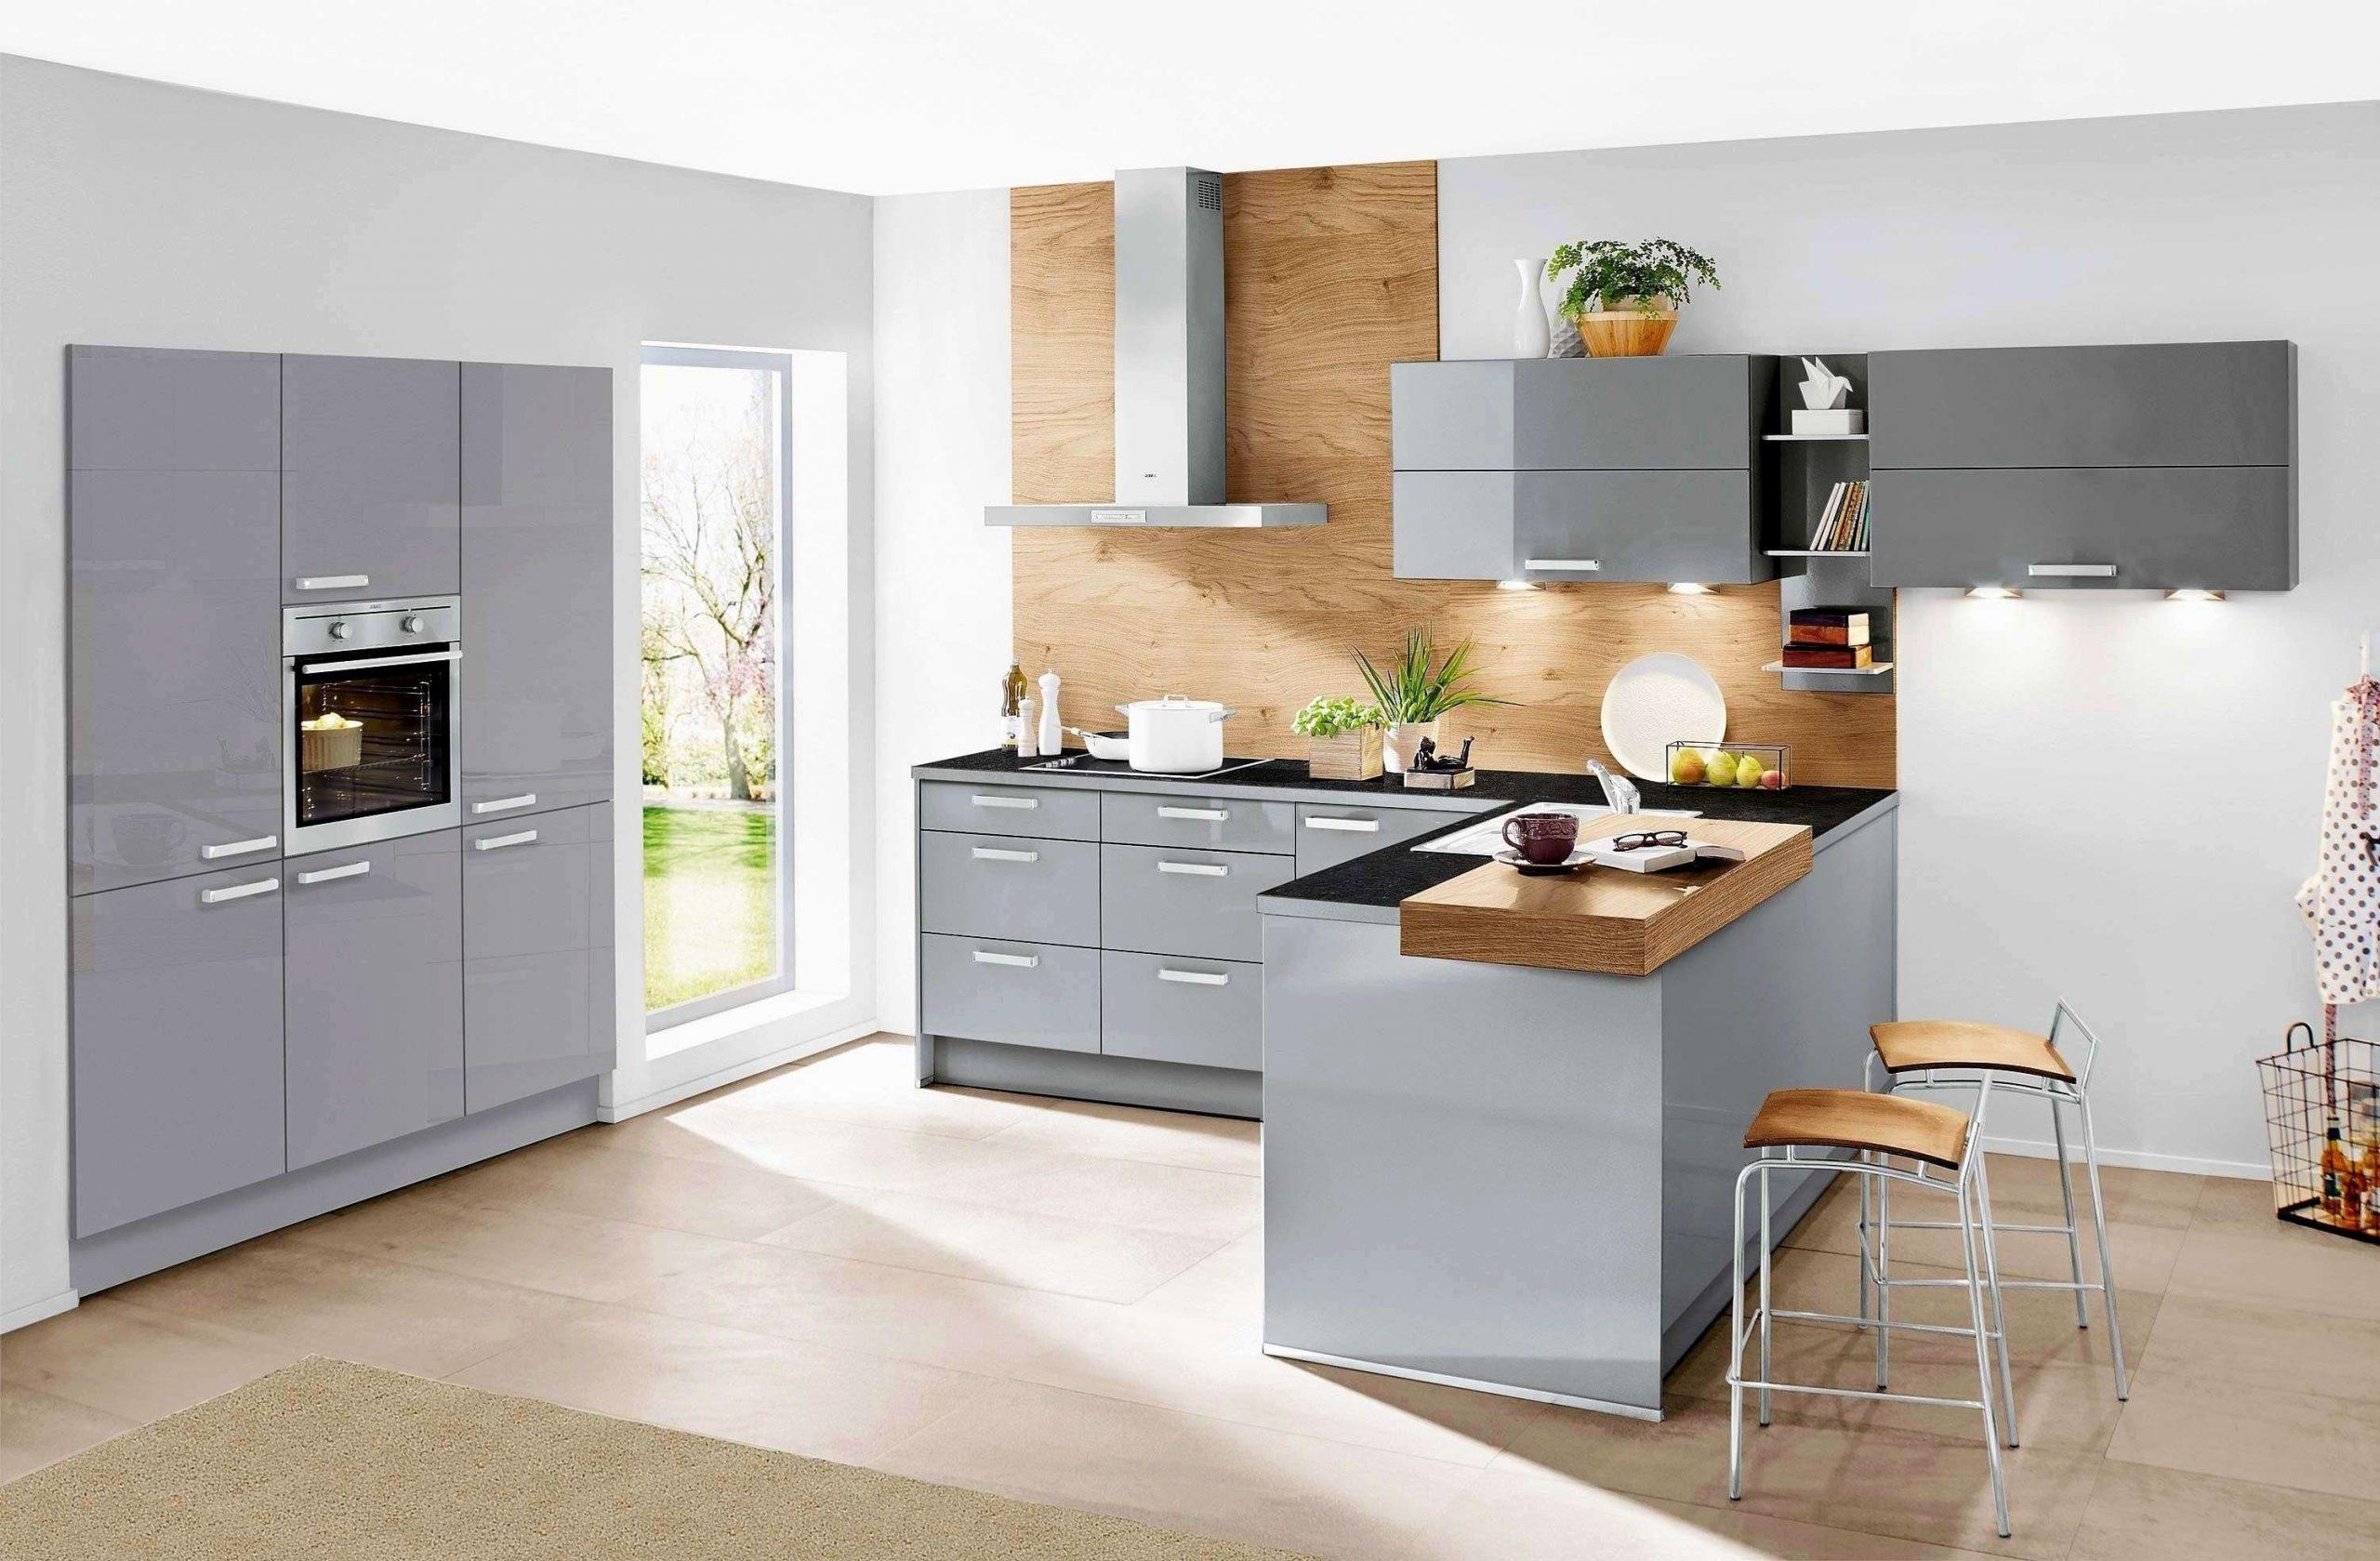 Full Size of Sconto Küchen Kchen Gnstig Mit E Gerten Mbel Boss Und Aufbau Kche Regal Wohnzimmer Sconto Küchen